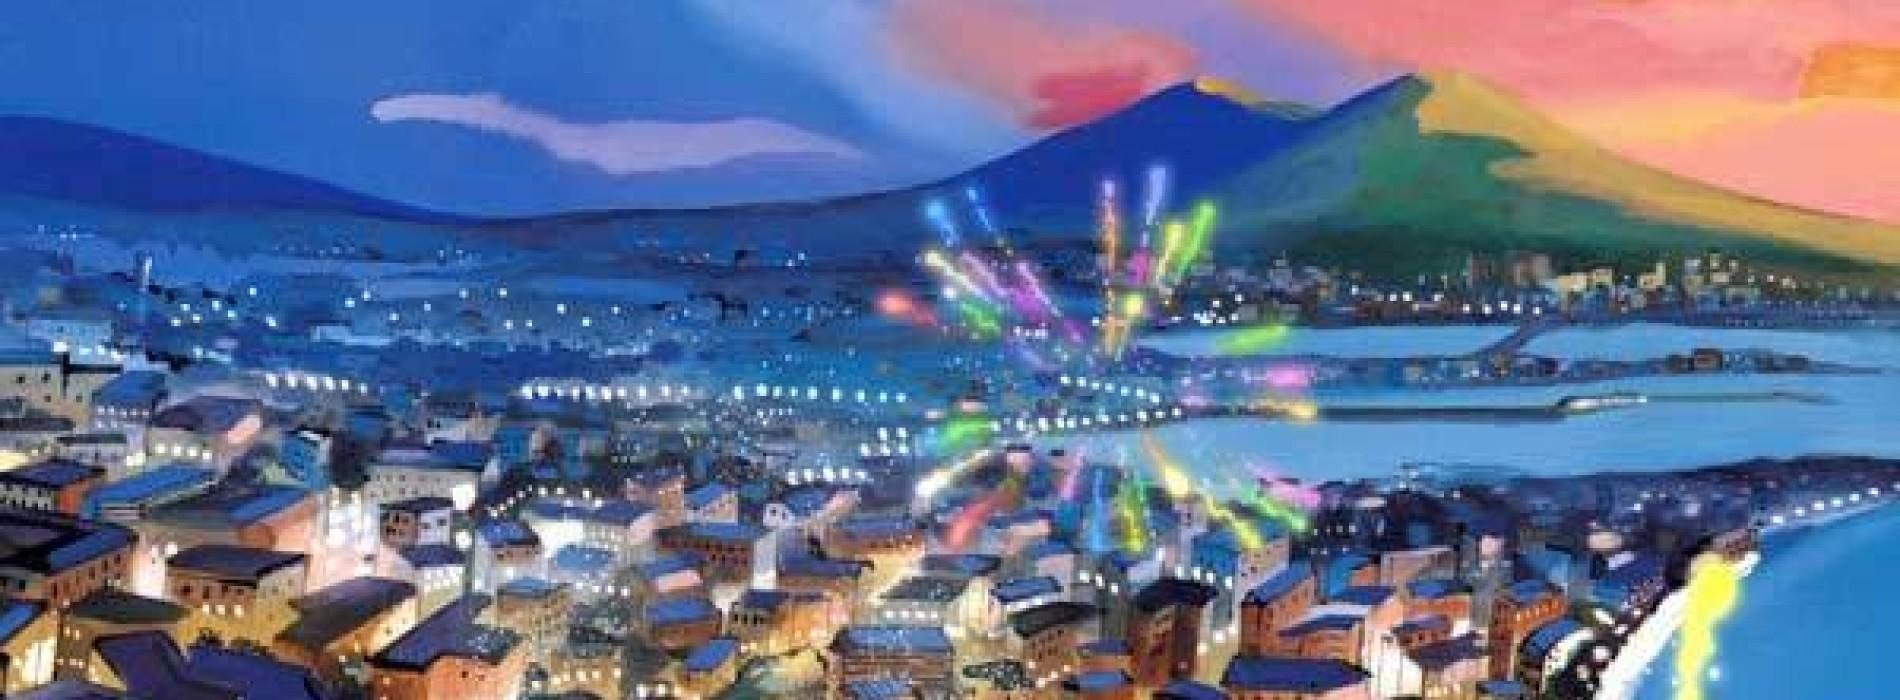 Quando i cartoon si tingono di azzurro: ecco quelli ambientati a Napoli